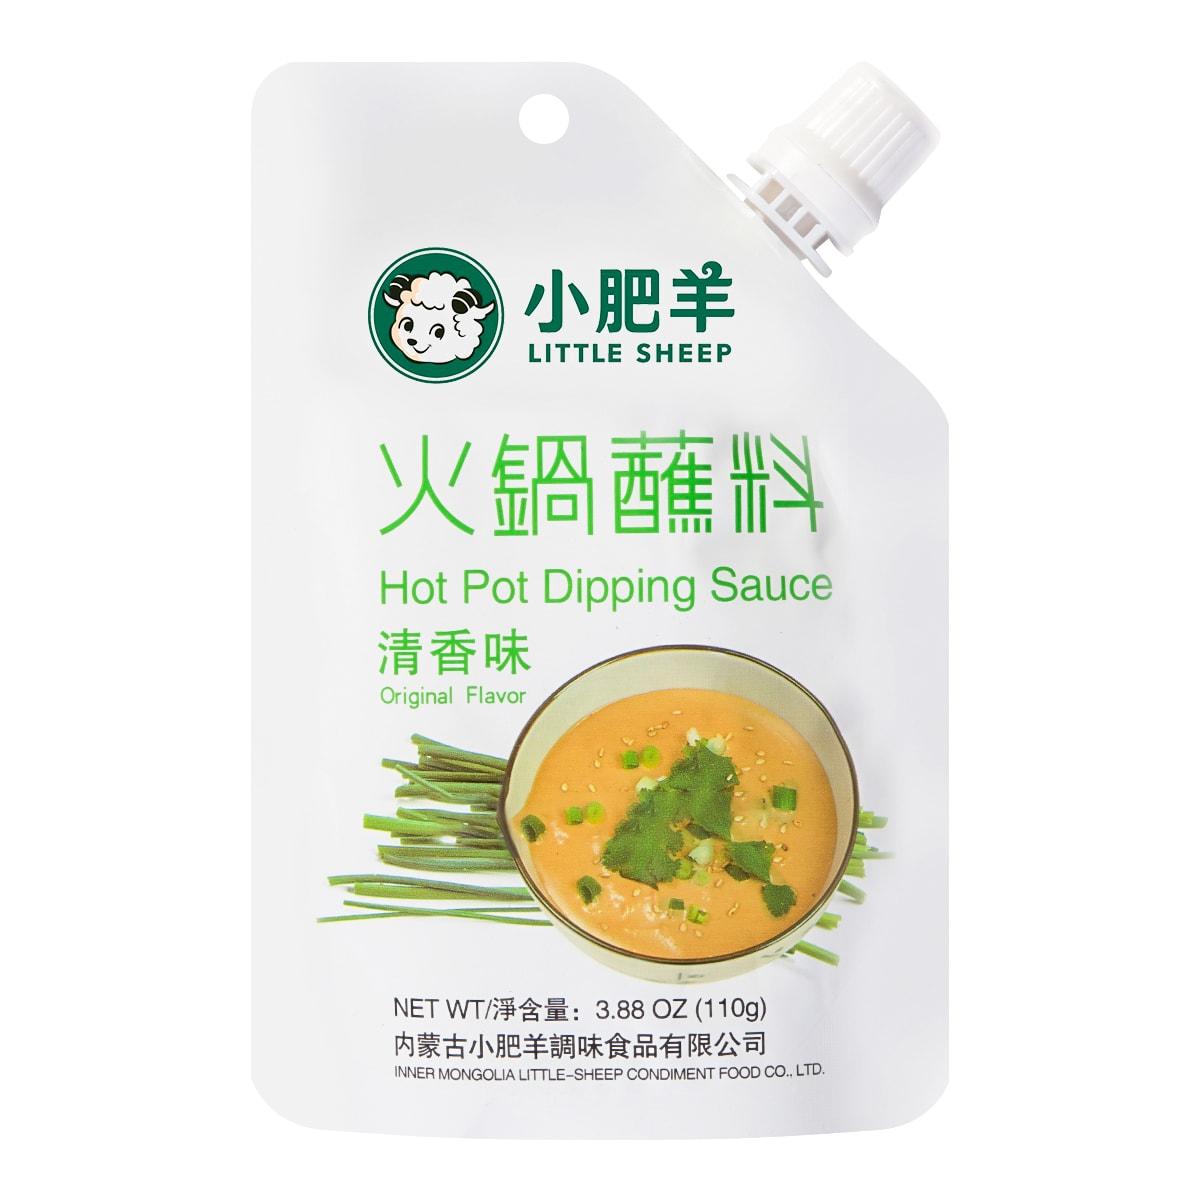 Little sheep Hot Pot Dipping Sauce Original Flavor 110g